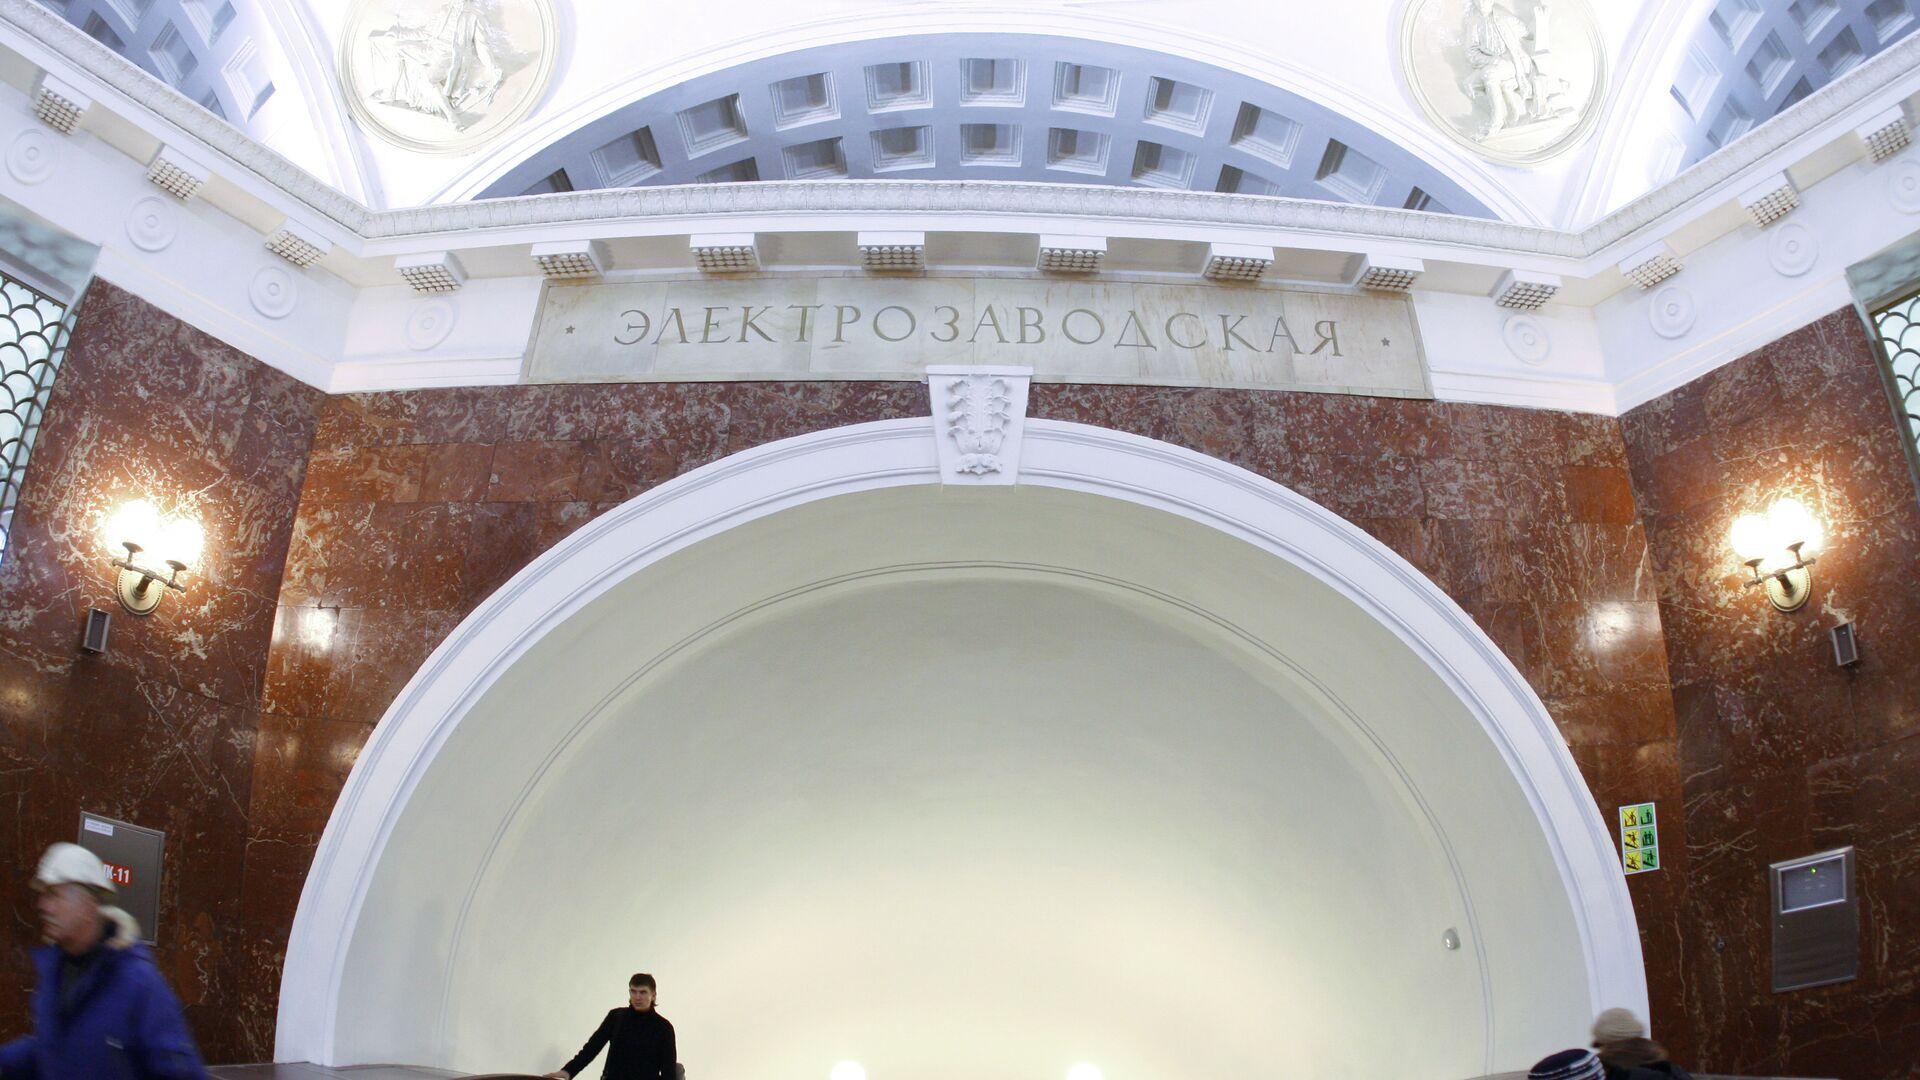 Станция московского метро Электрозаводская открылась после ремонта    - РИА Новости, 1920, 21.11.2020